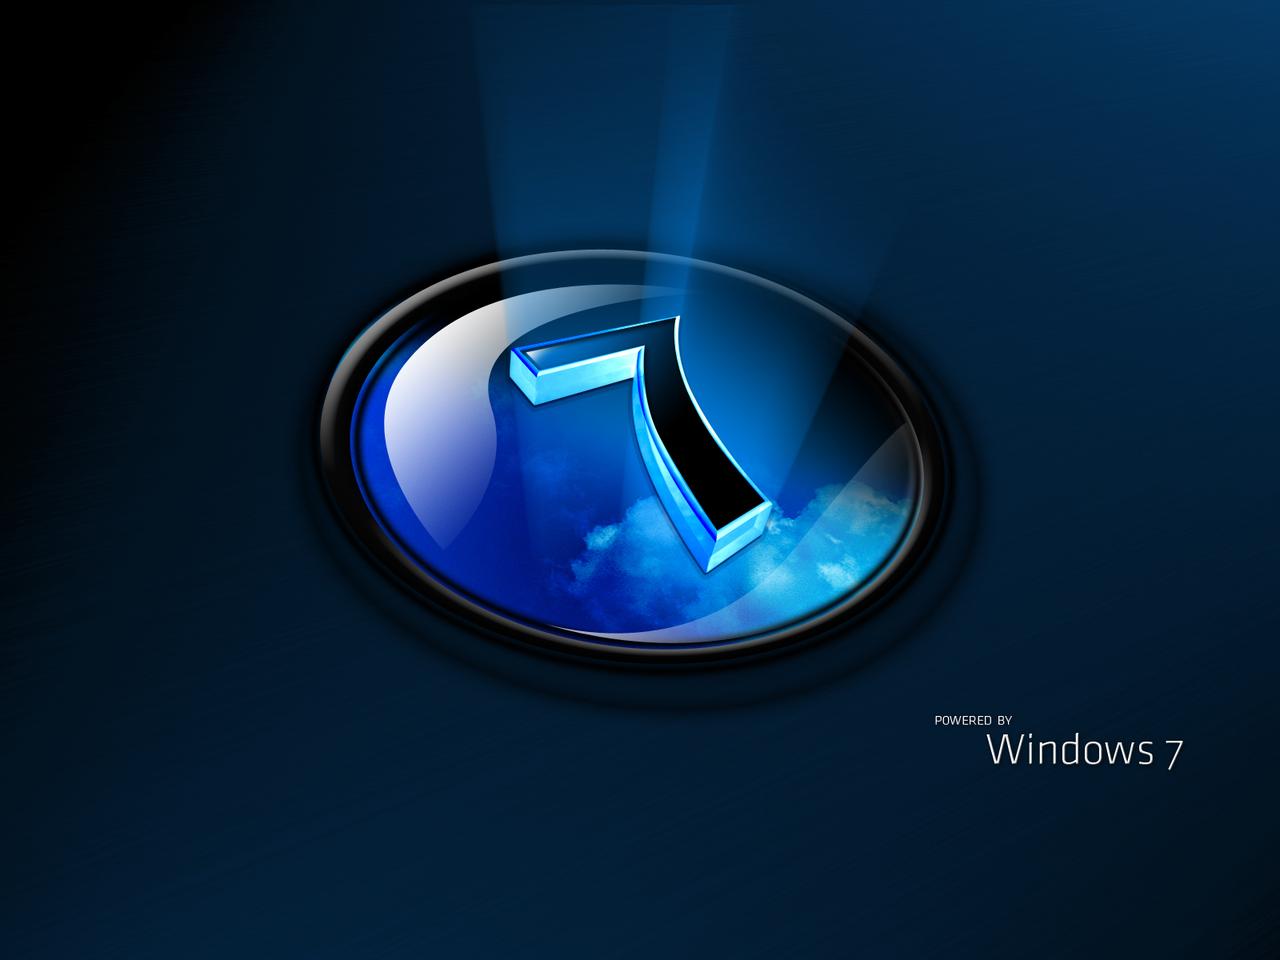 http://3.bp.blogspot.com/-pOkufyWk62Y/UNhJ7vOIN7I/AAAAAAAAM7c/WBxSsfRa2NU/s1600/Windows_7_reflective.jpg